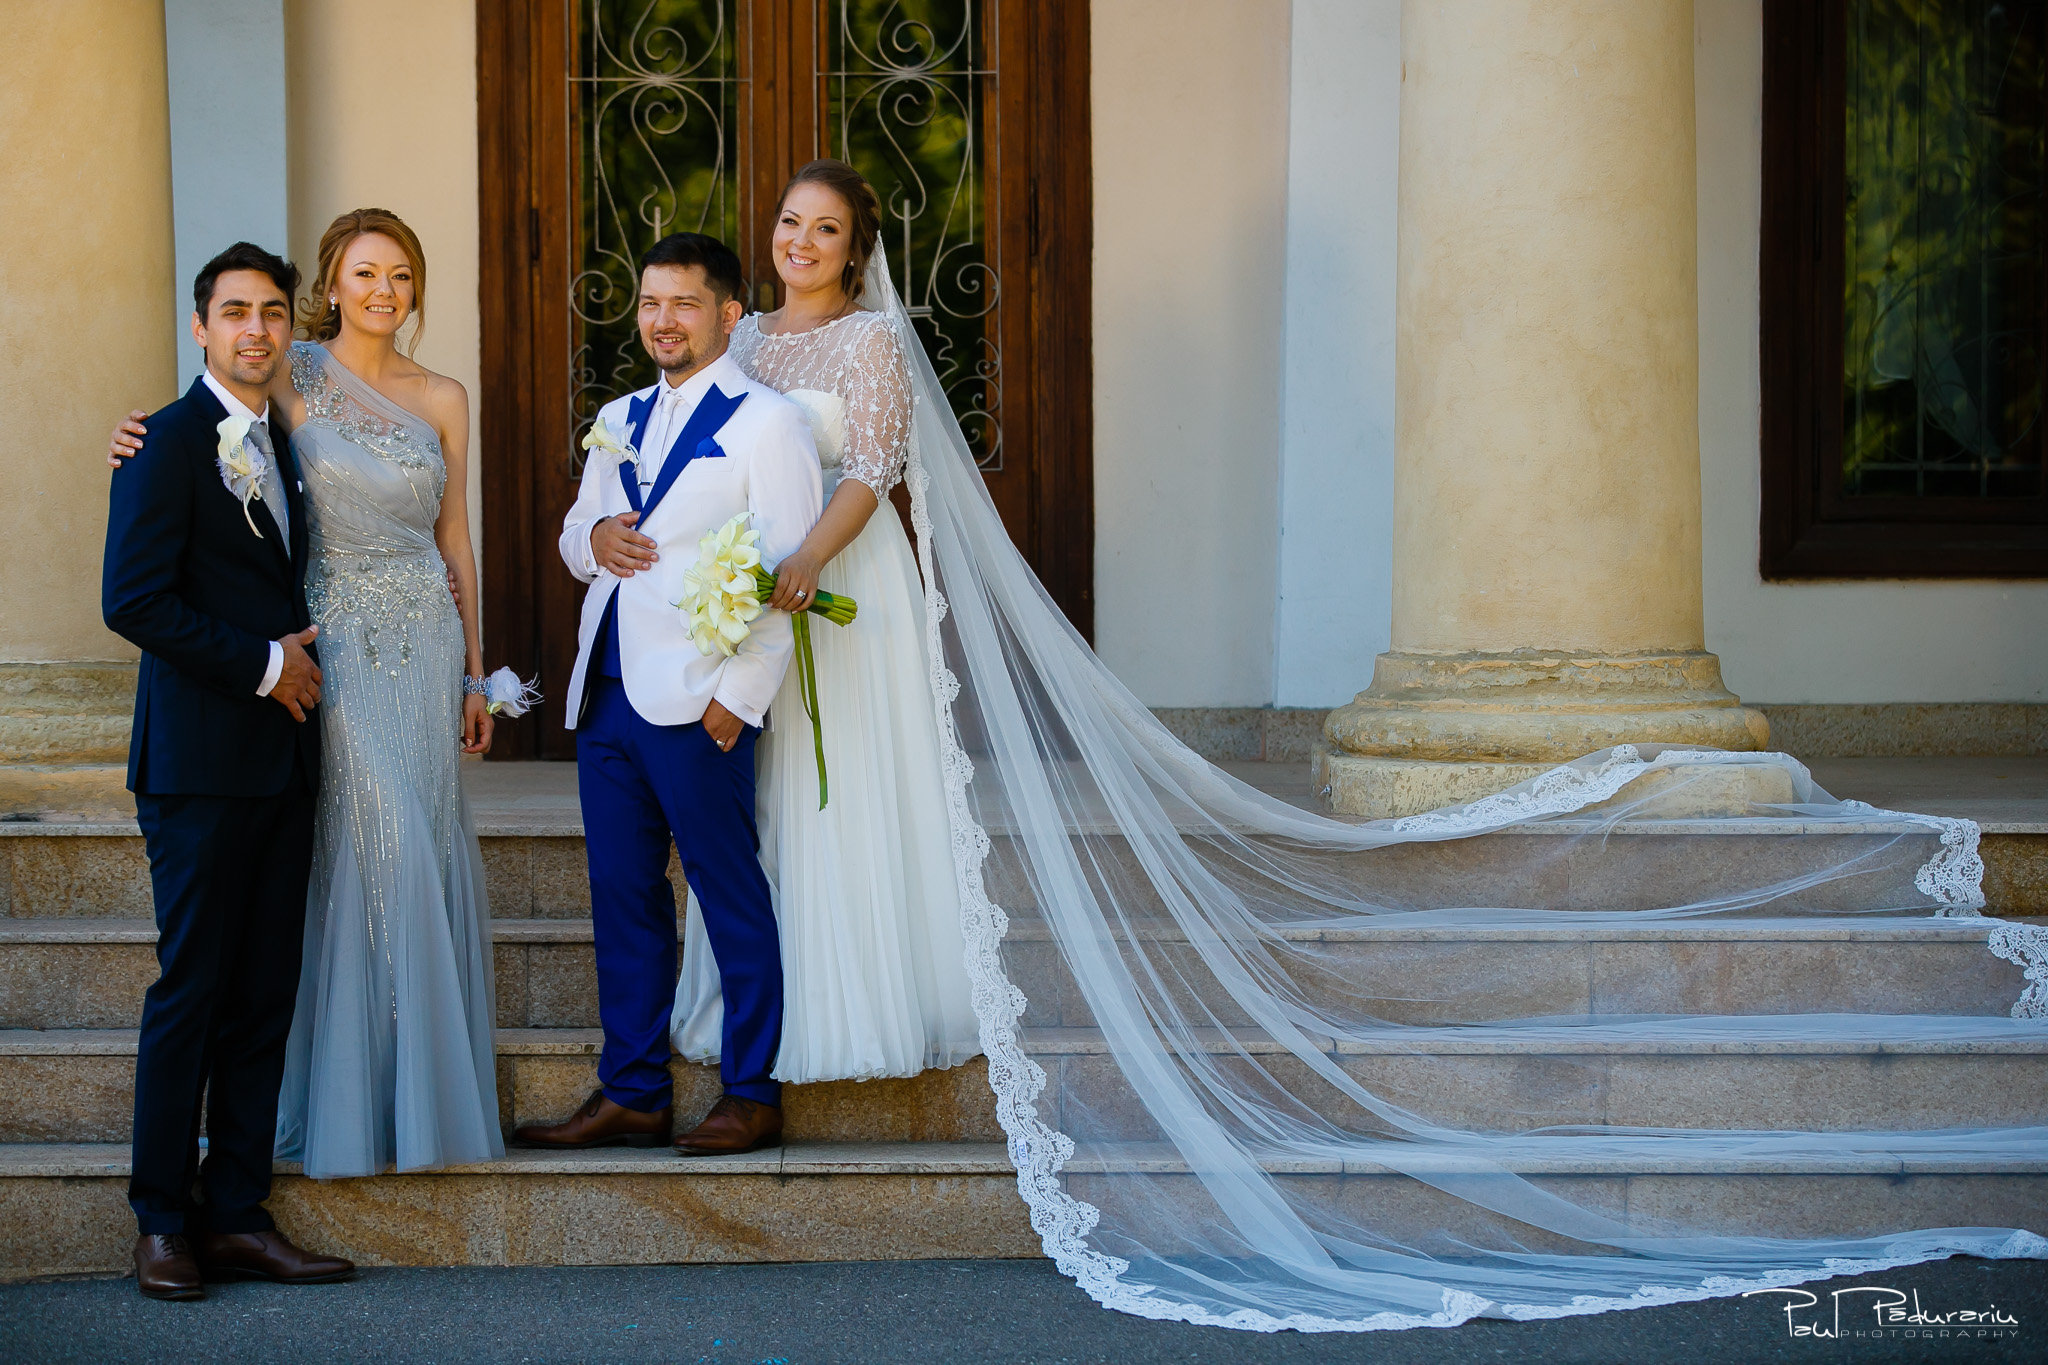 Sedinta foto nunta Ema si Tudor fotograf profesionist de nunta iasi www.paulpadurariu.ro © 2017 Paul Padurariu miri alaturi de nasi